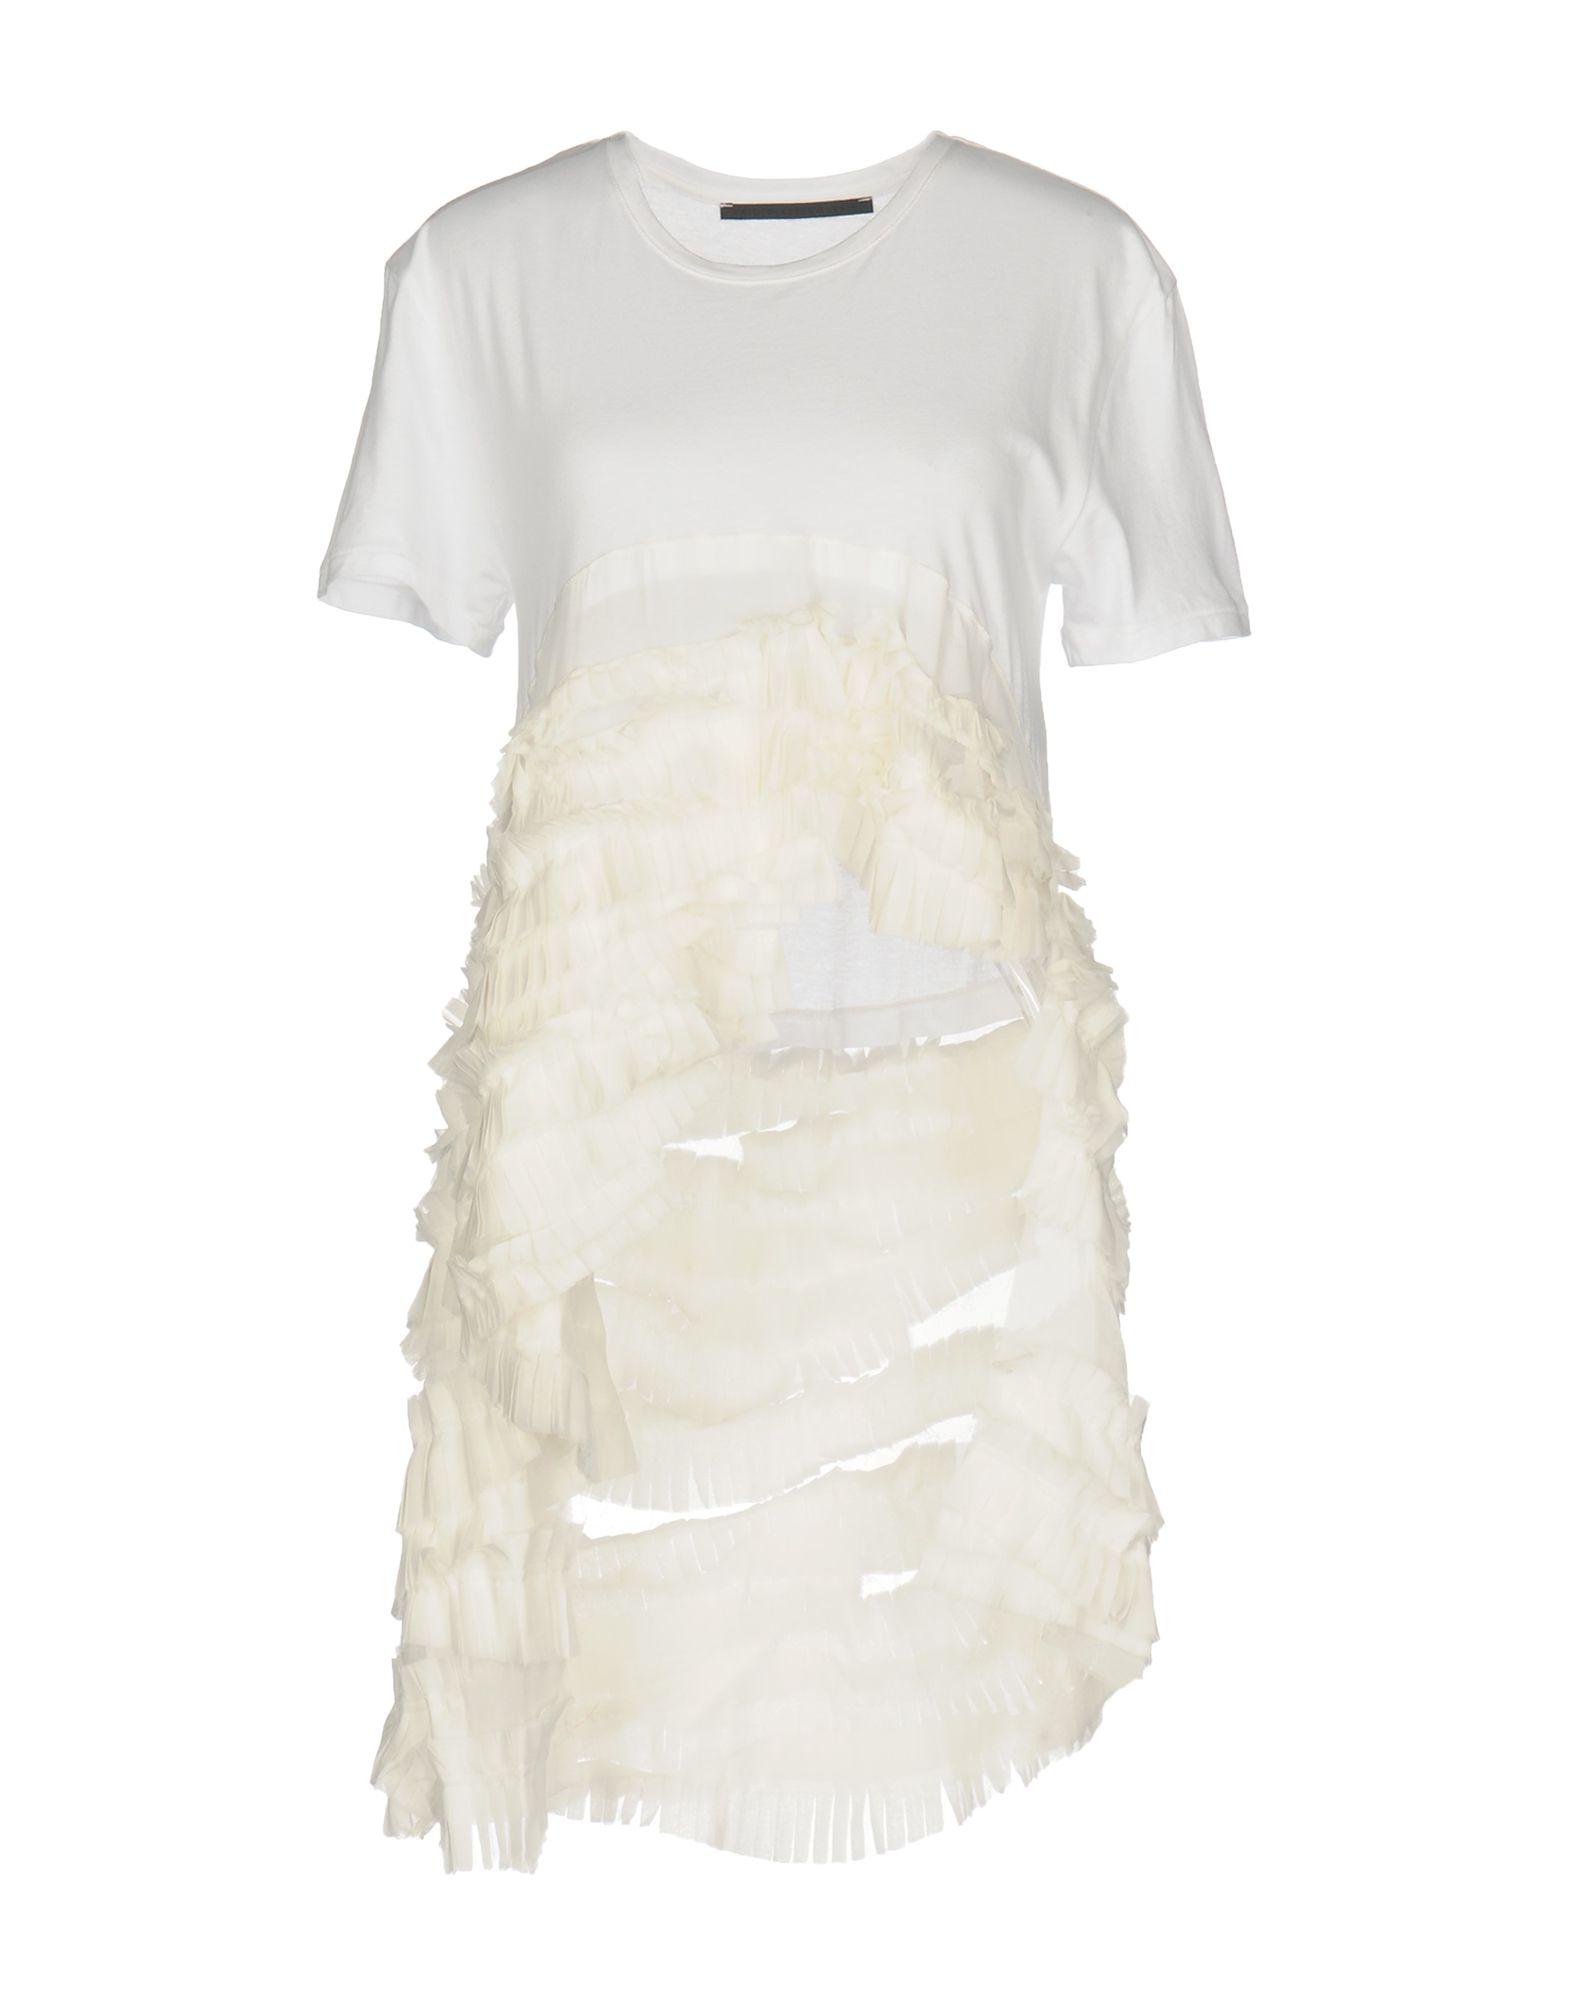 HAIDER ACKERMANN Damen T-shirts Farbe Weiß Größe 4 - broschei